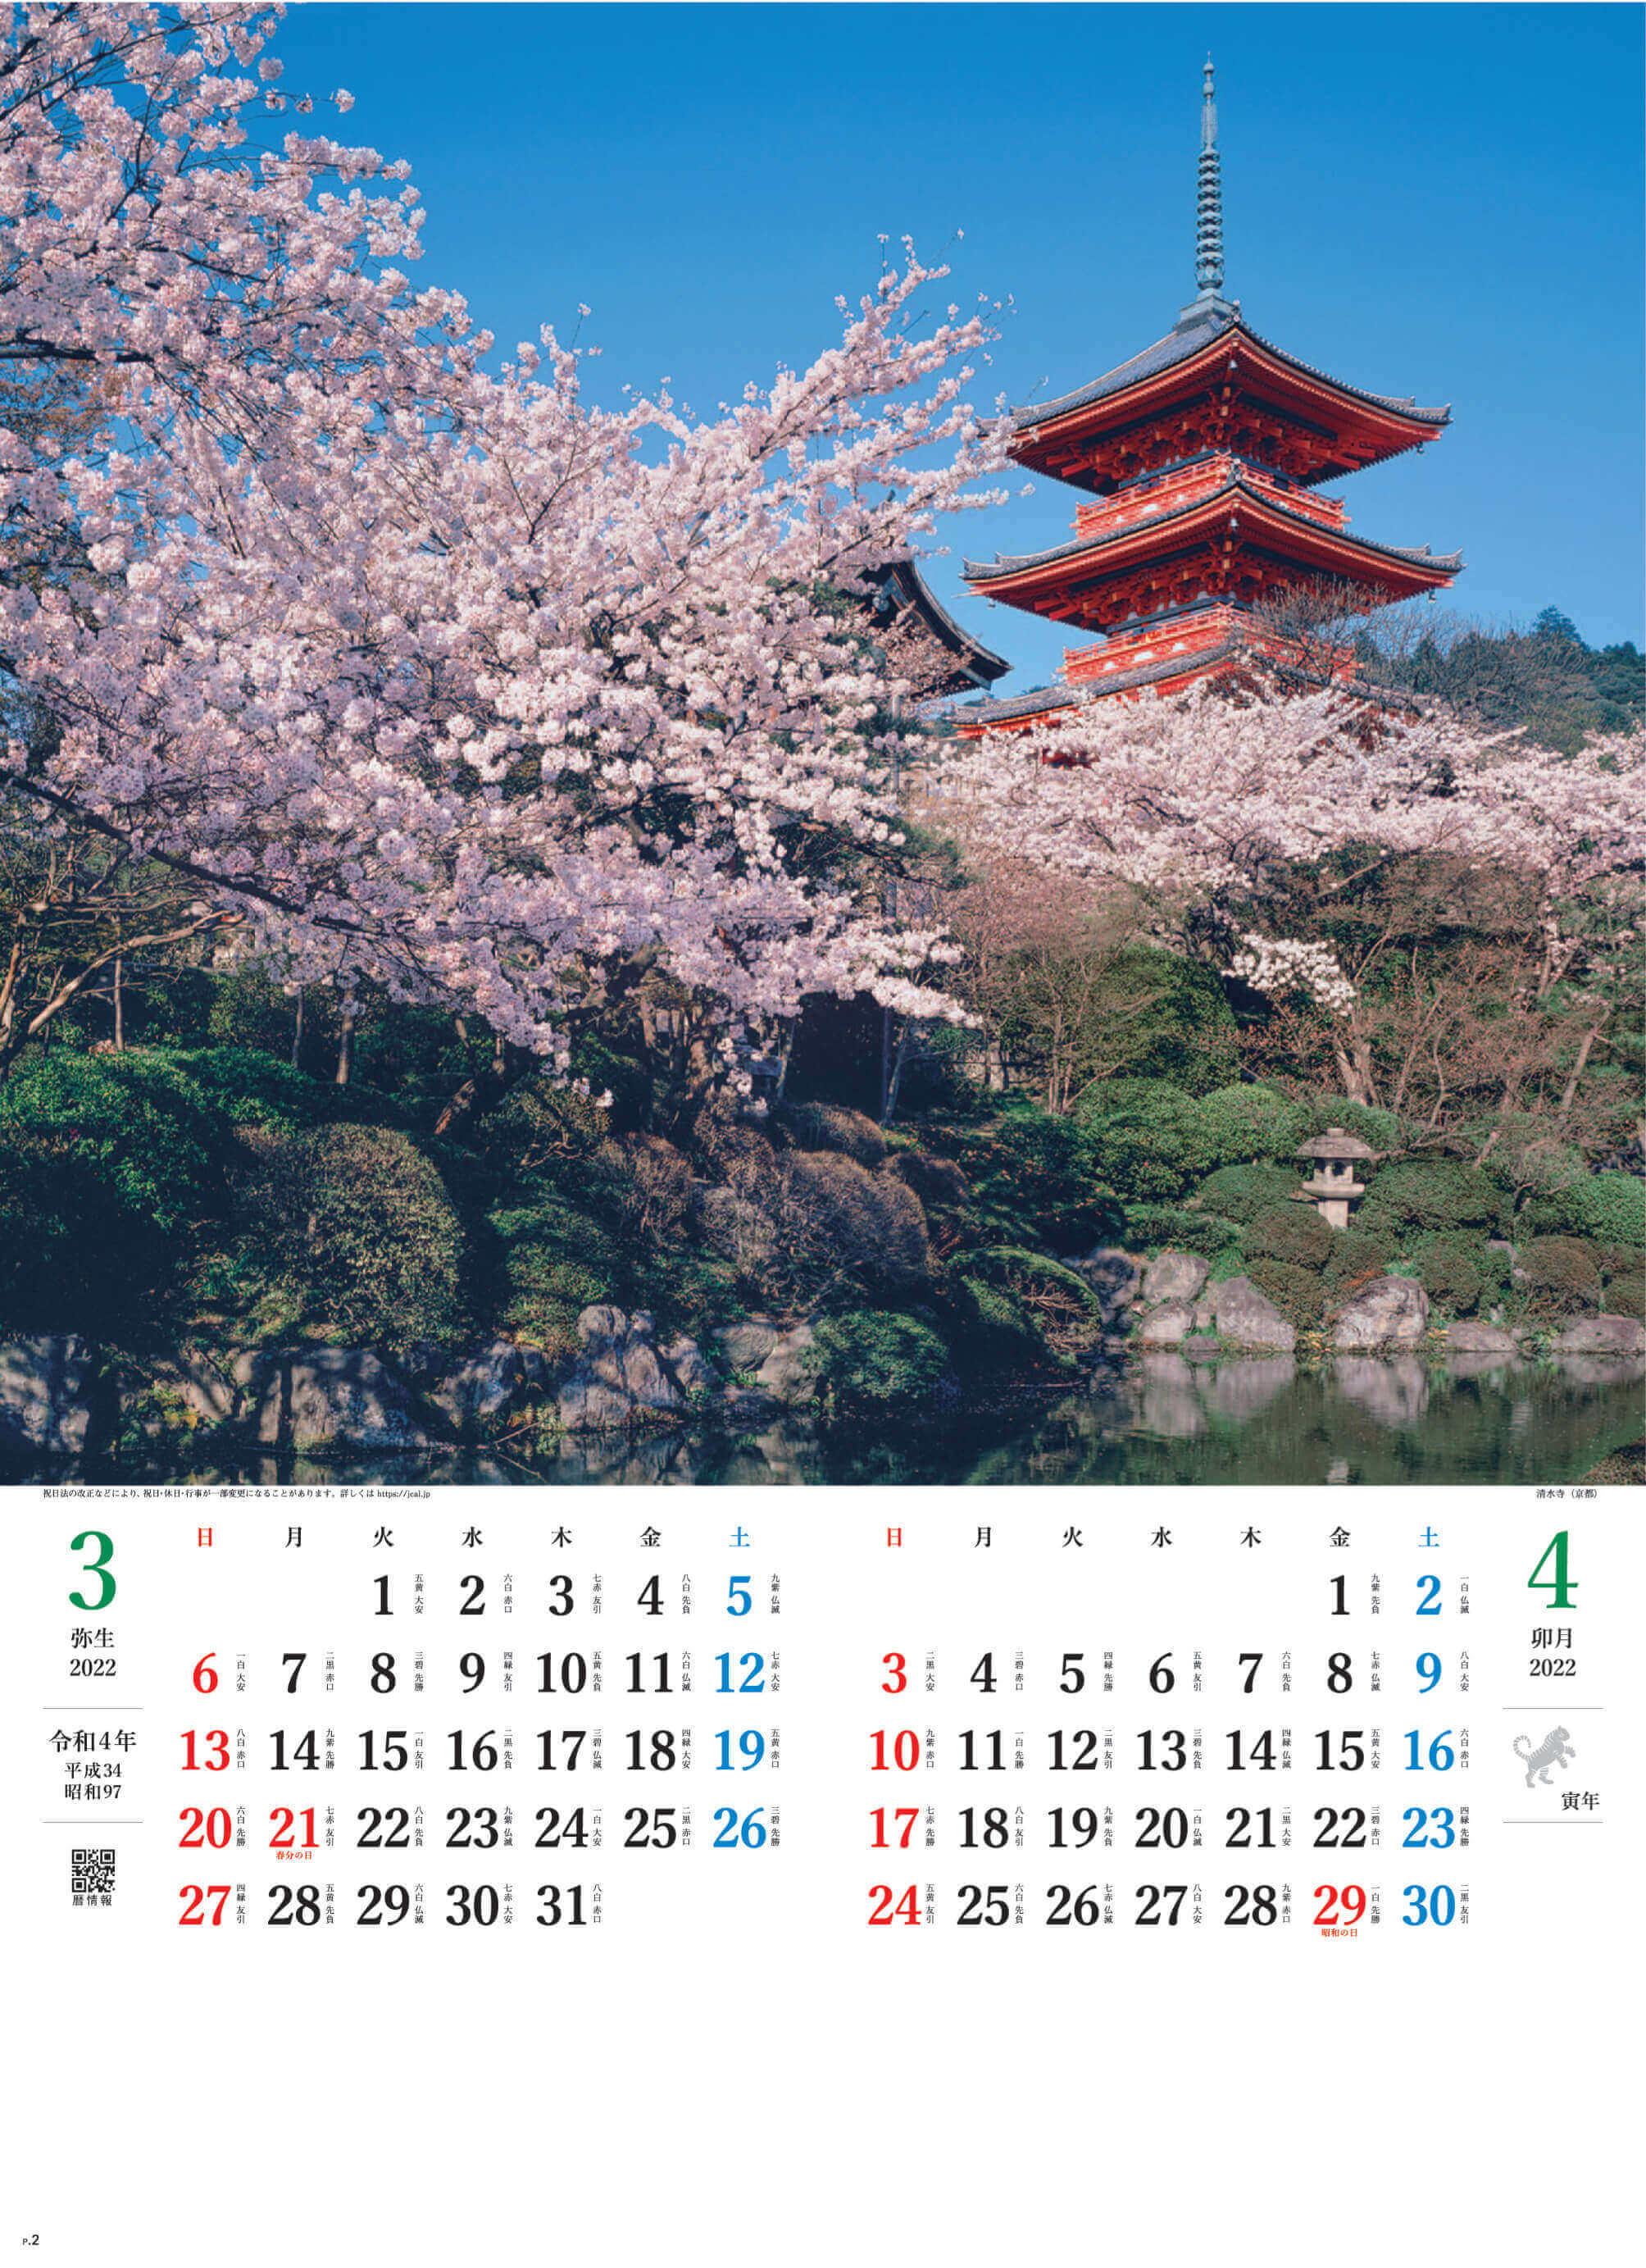 3-4月 清水寺(京都) 庭の心 2022年カレンダーの画像